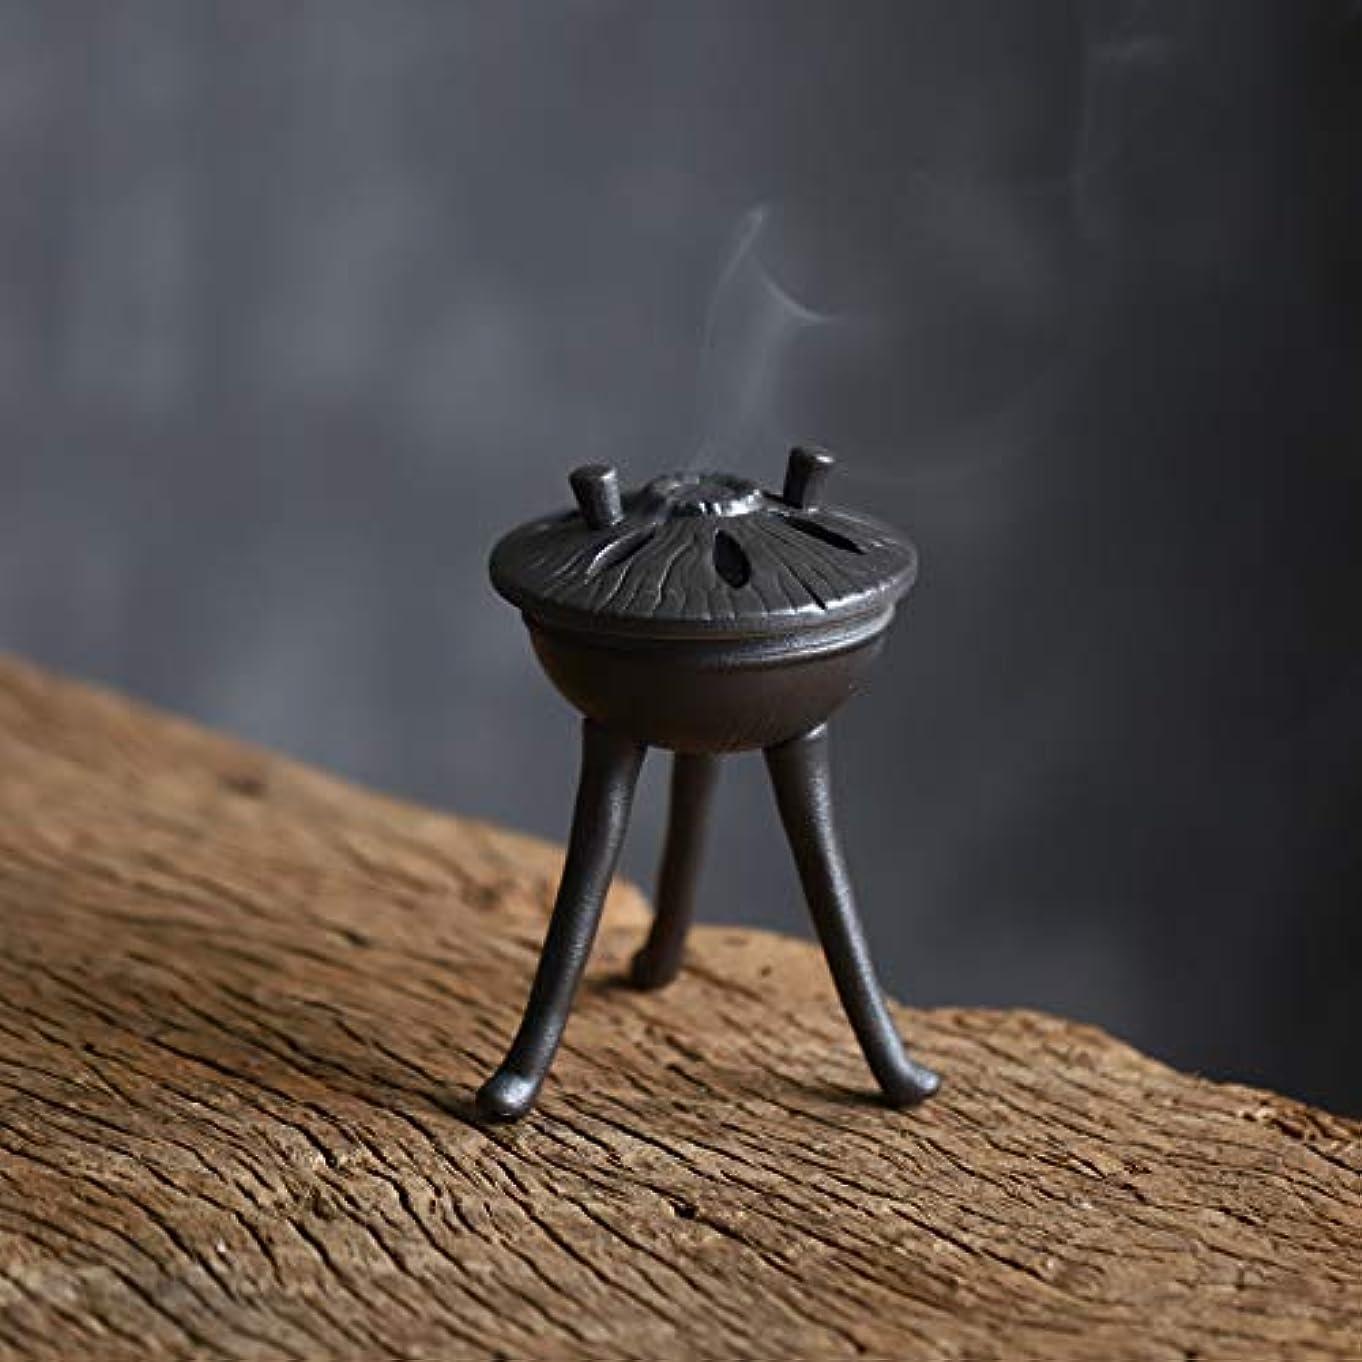 ブースドキドキ麻痺させるPHILOGOD 陶器香炉 三足仏壇用巻き線香 香立て 香置物 陶器香皿 お香 ホルダー